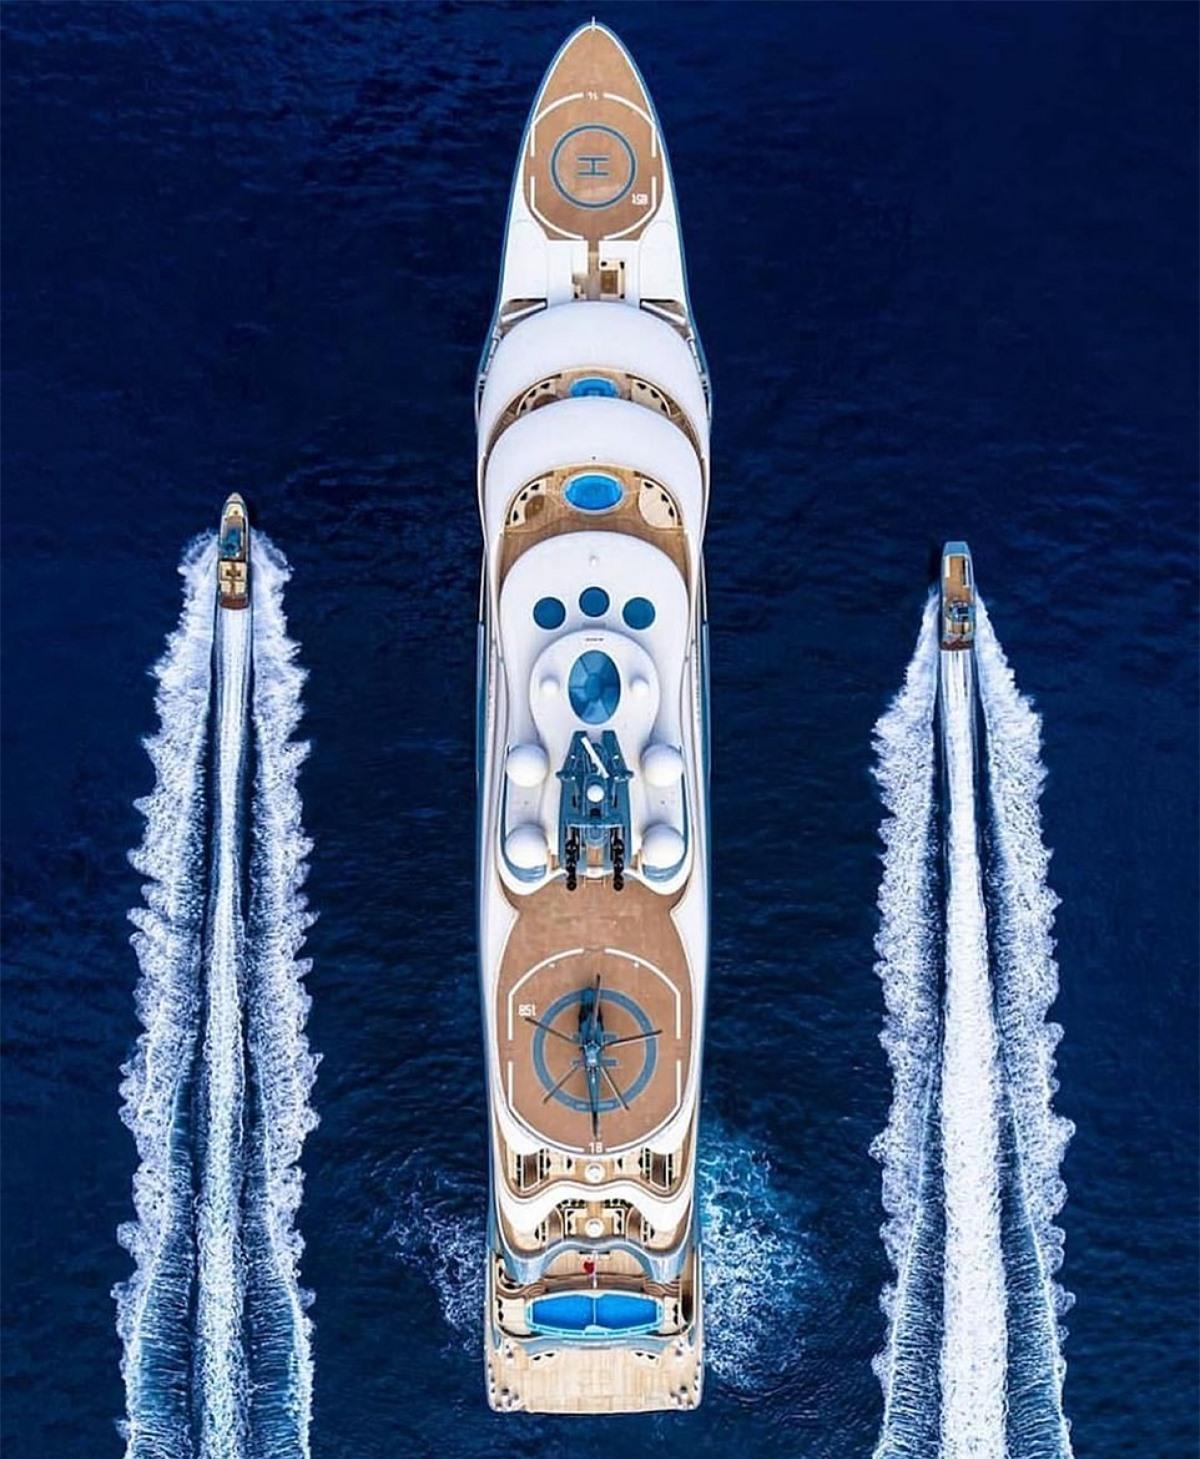 Siêu du thuyền Flying Fox có chiều dài hơn 137 m, cao 6 tầng, được chế tạo vào năm 2019.